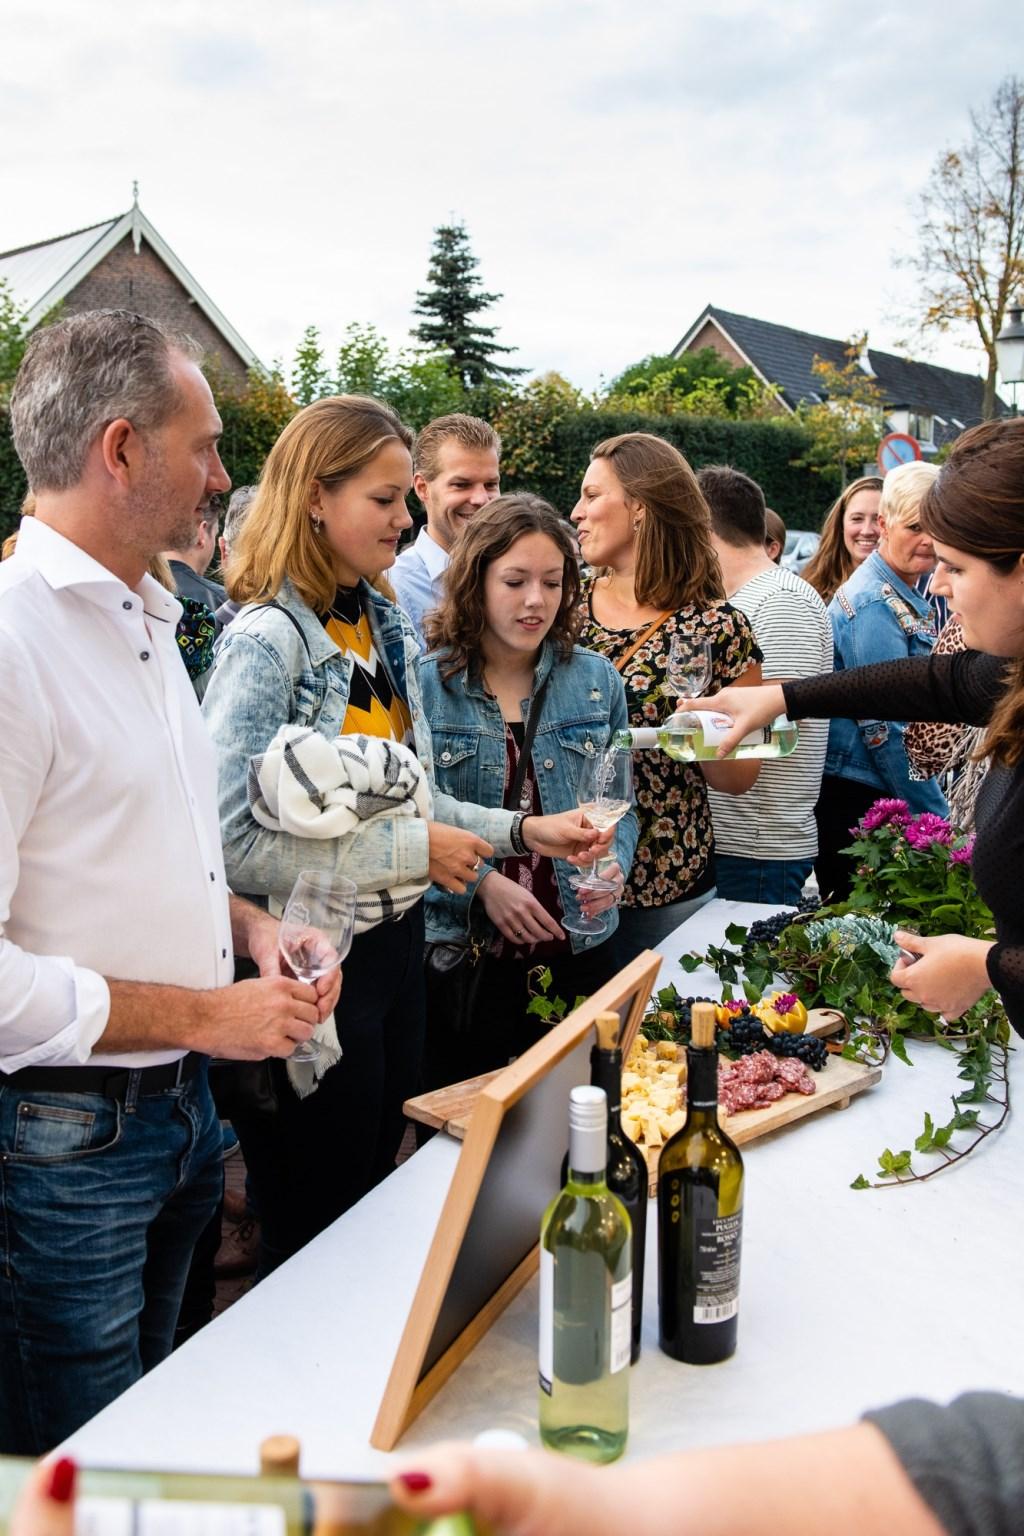 Op vrijdag 12 oktober, van 18.00 tot 21.00 uur, kon je genieten van de lekkerste wijnen bij de winkeliers in het Hart van Huizen.Je kon de sfeer van Spanje, Italië, Frankrijk en Zuid Afrika op diverse plekken in het oude dorp beleven. Christiaan Hofland © BDU Media